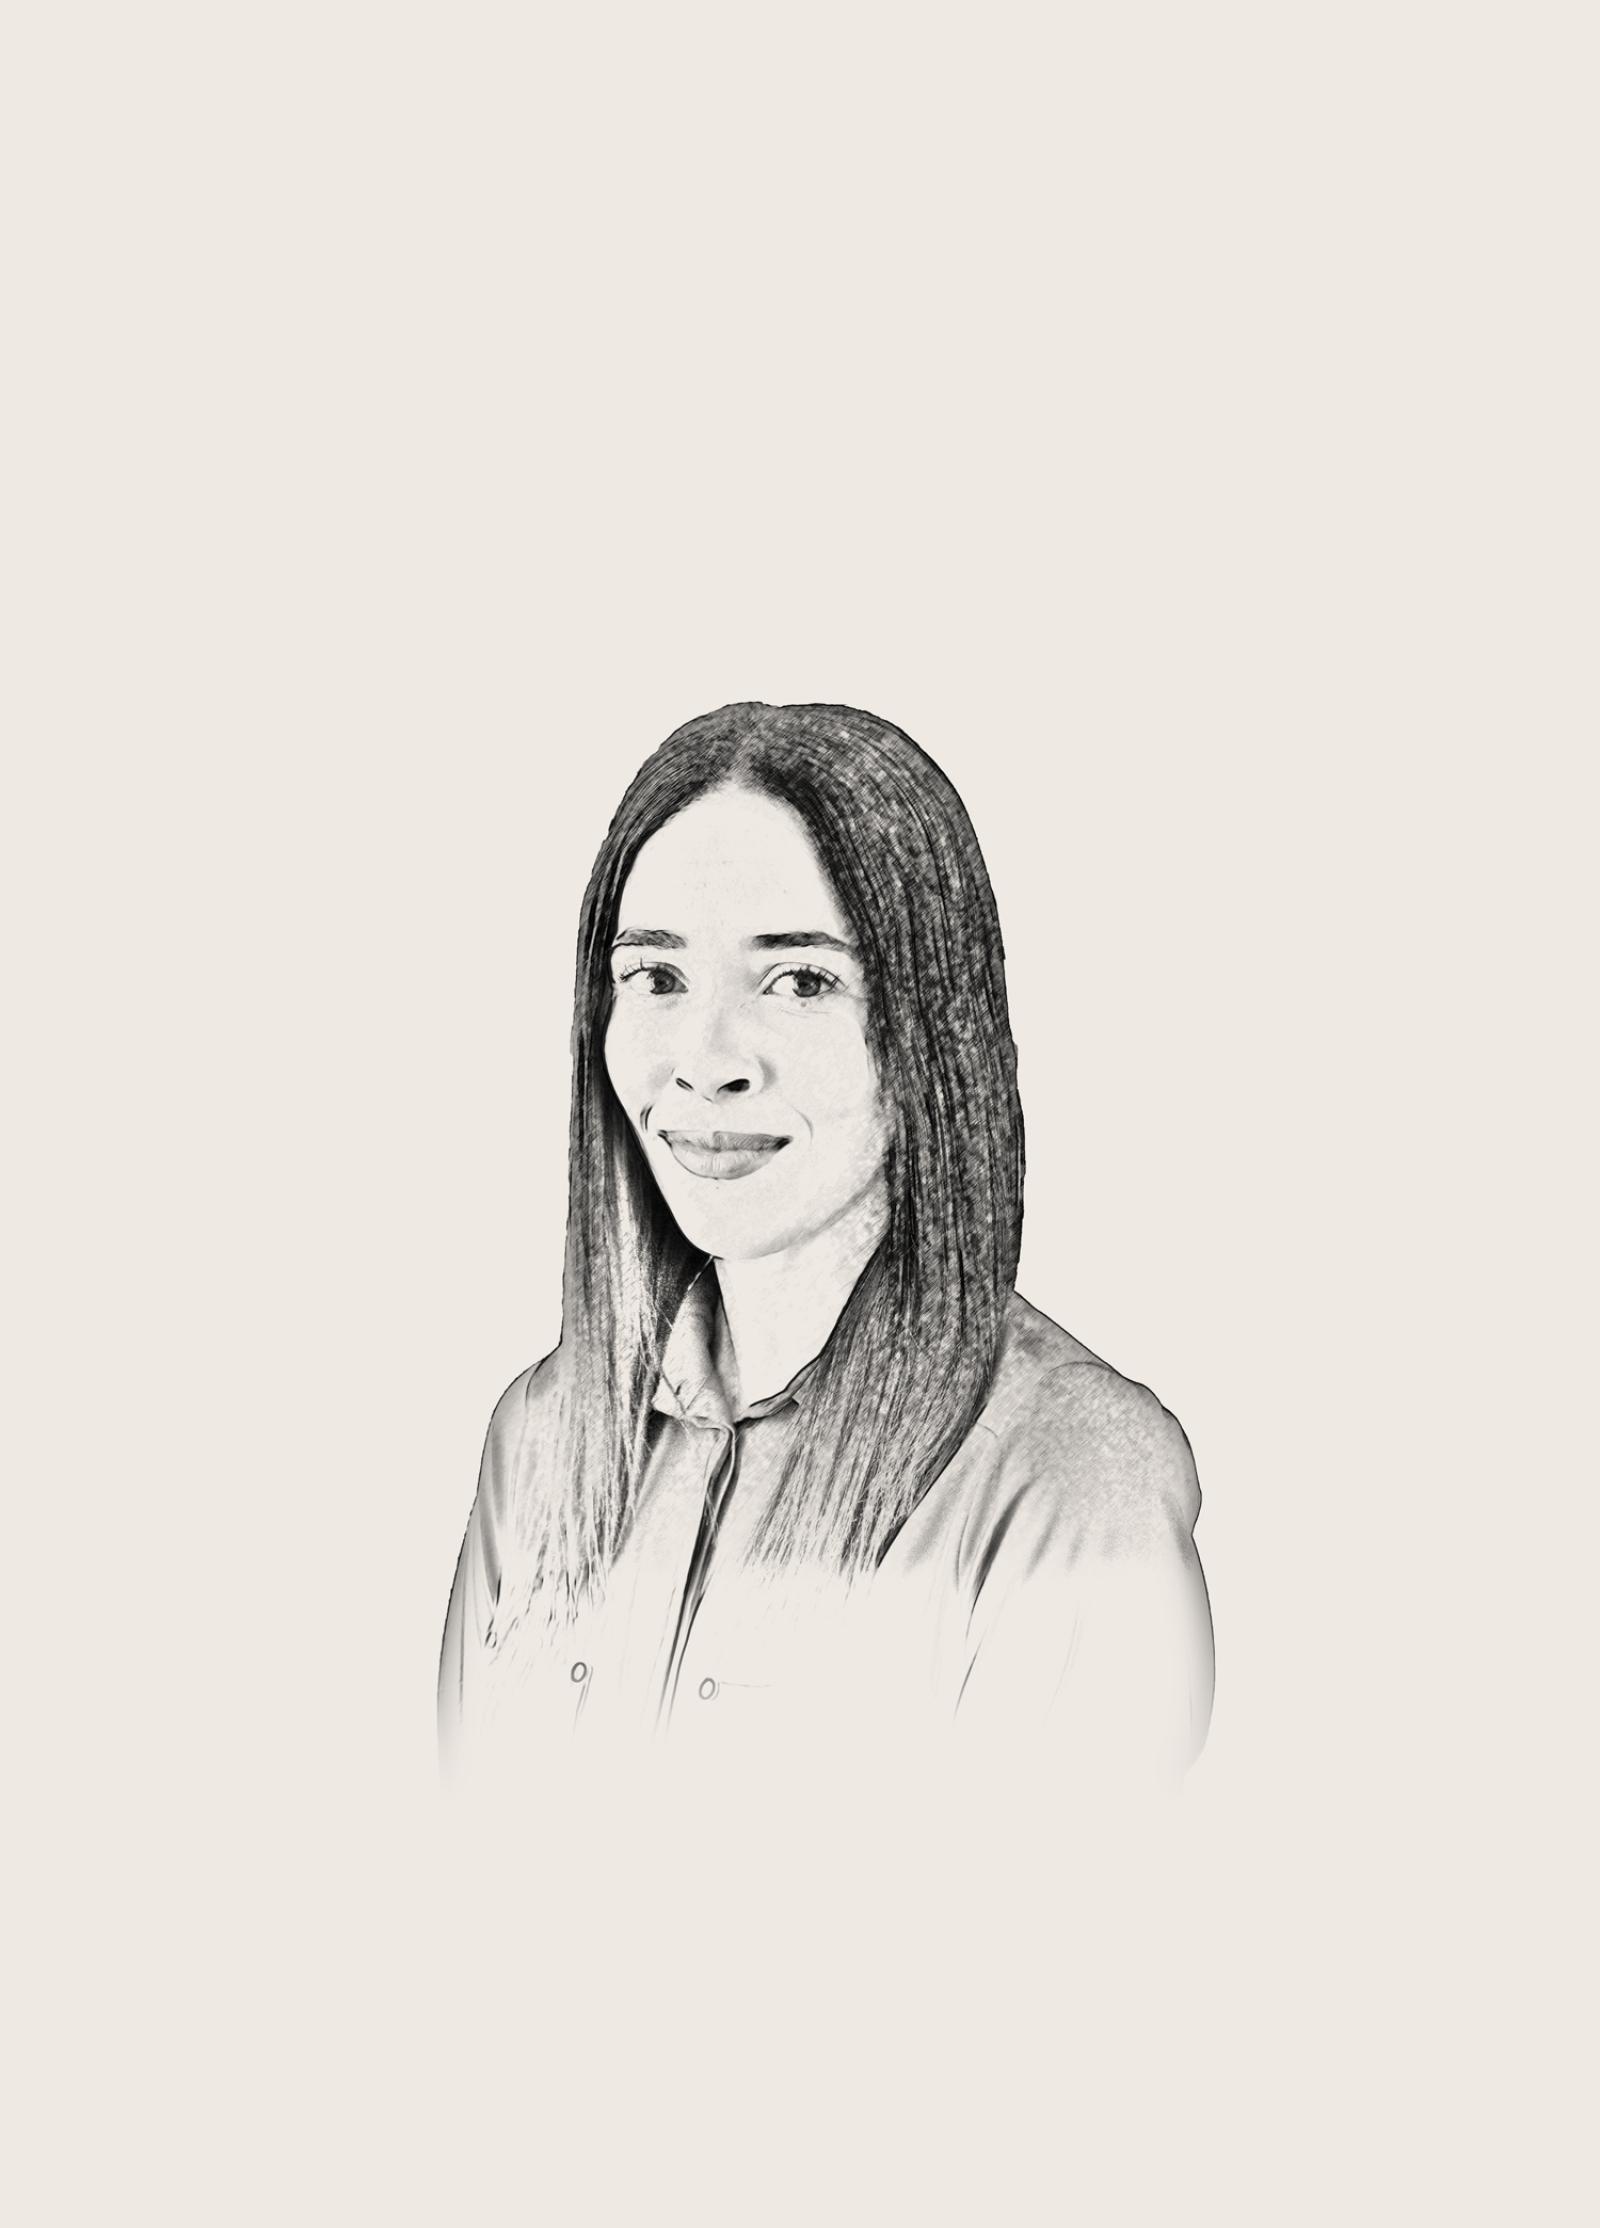 Saira_Sketch_72dpi.jpg